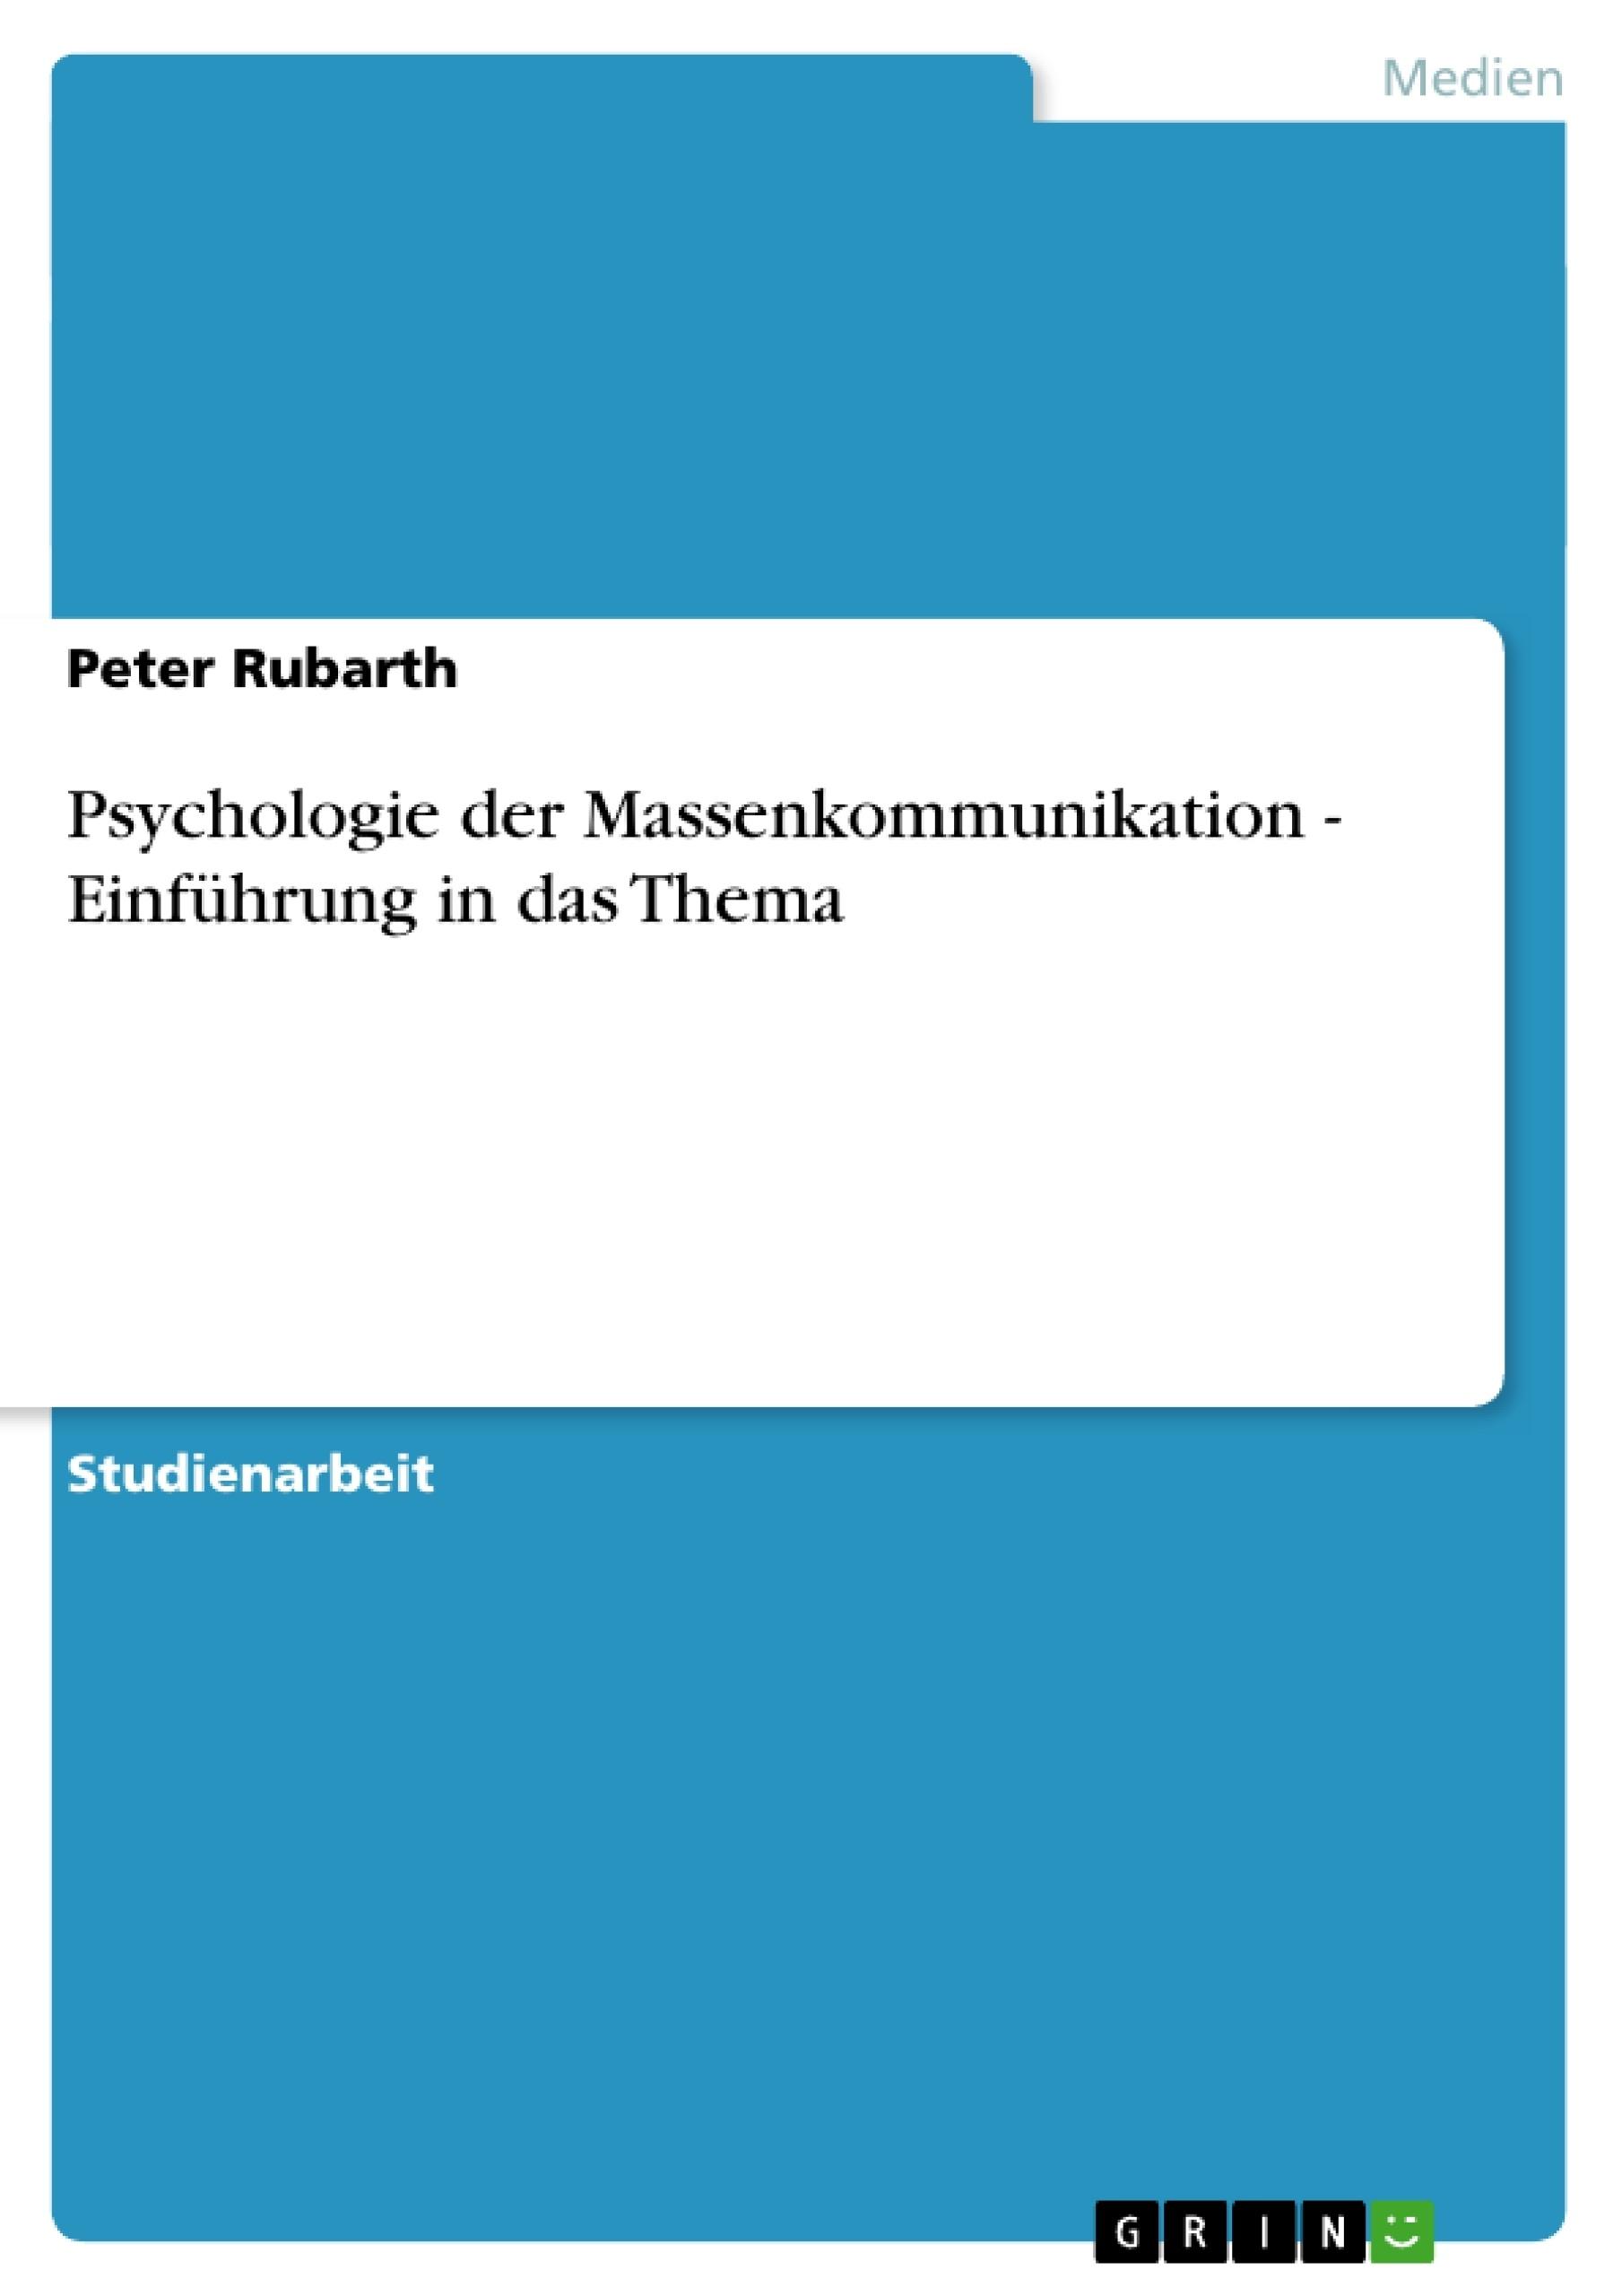 Titel: Psychologie der Massenkommunikation - Einführung in das Thema